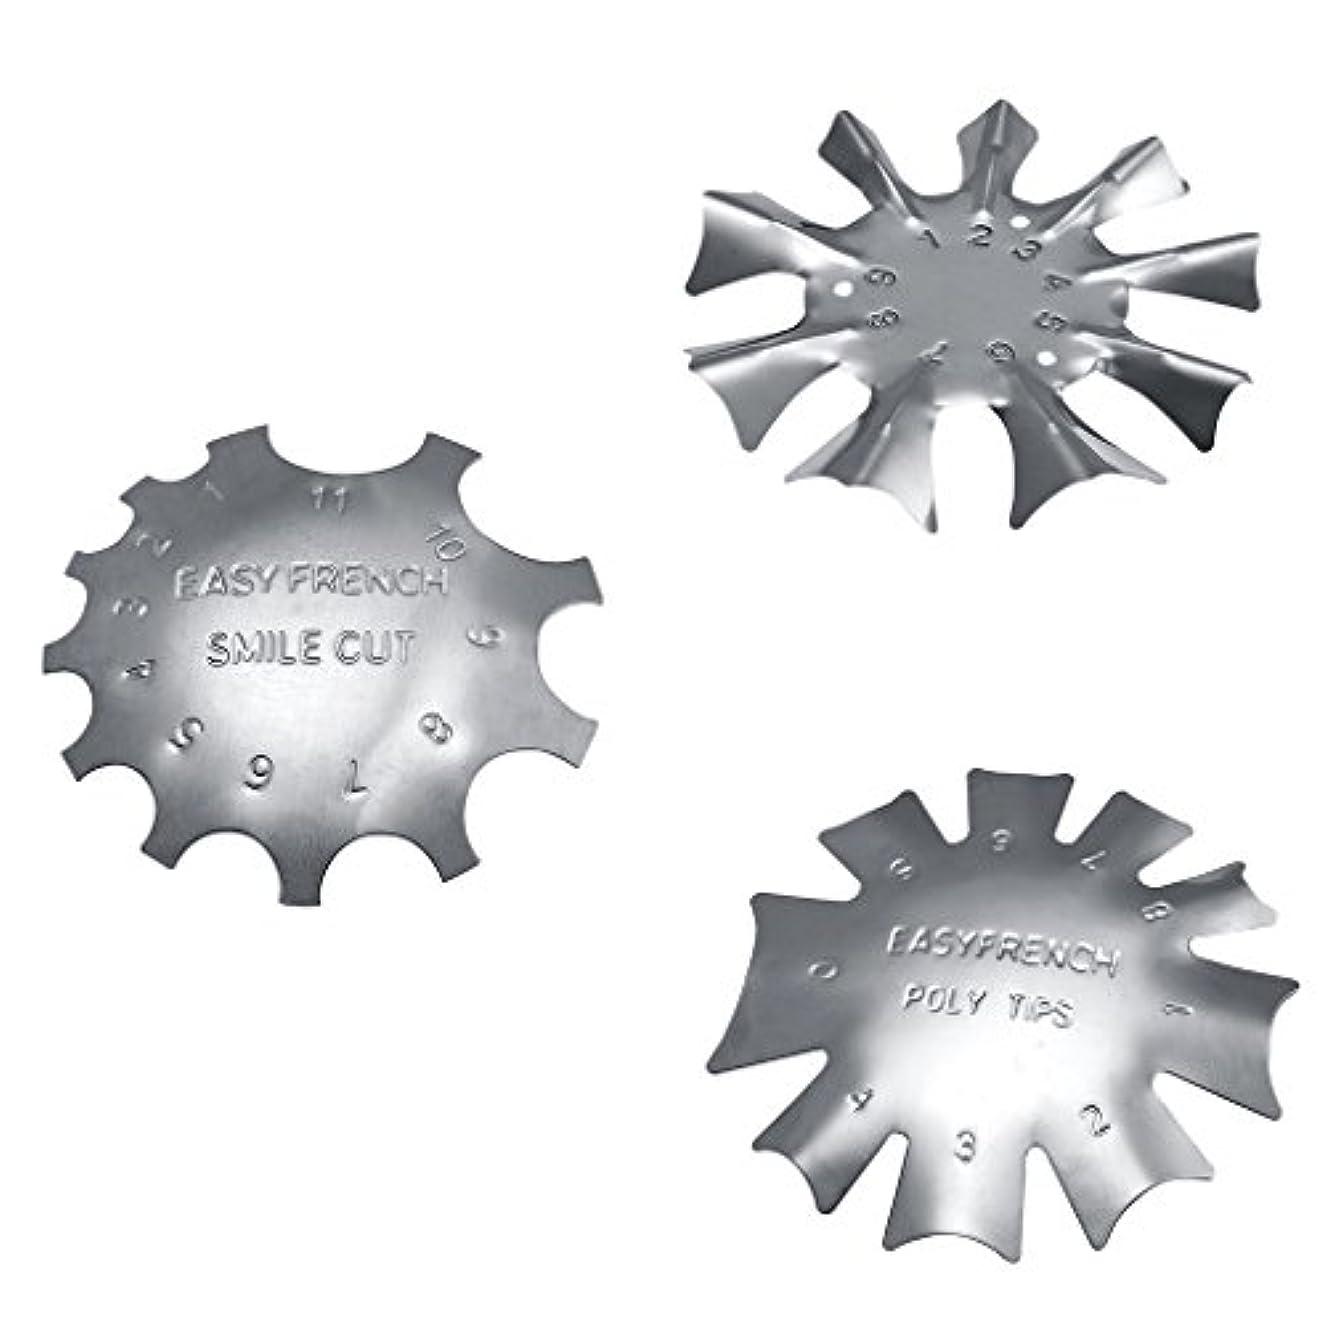 無傷不従順微生物フランス風 ネイルガイドツール 3タイプセット ネイルアート カットライントリマー 金属 ネイルテンプレート